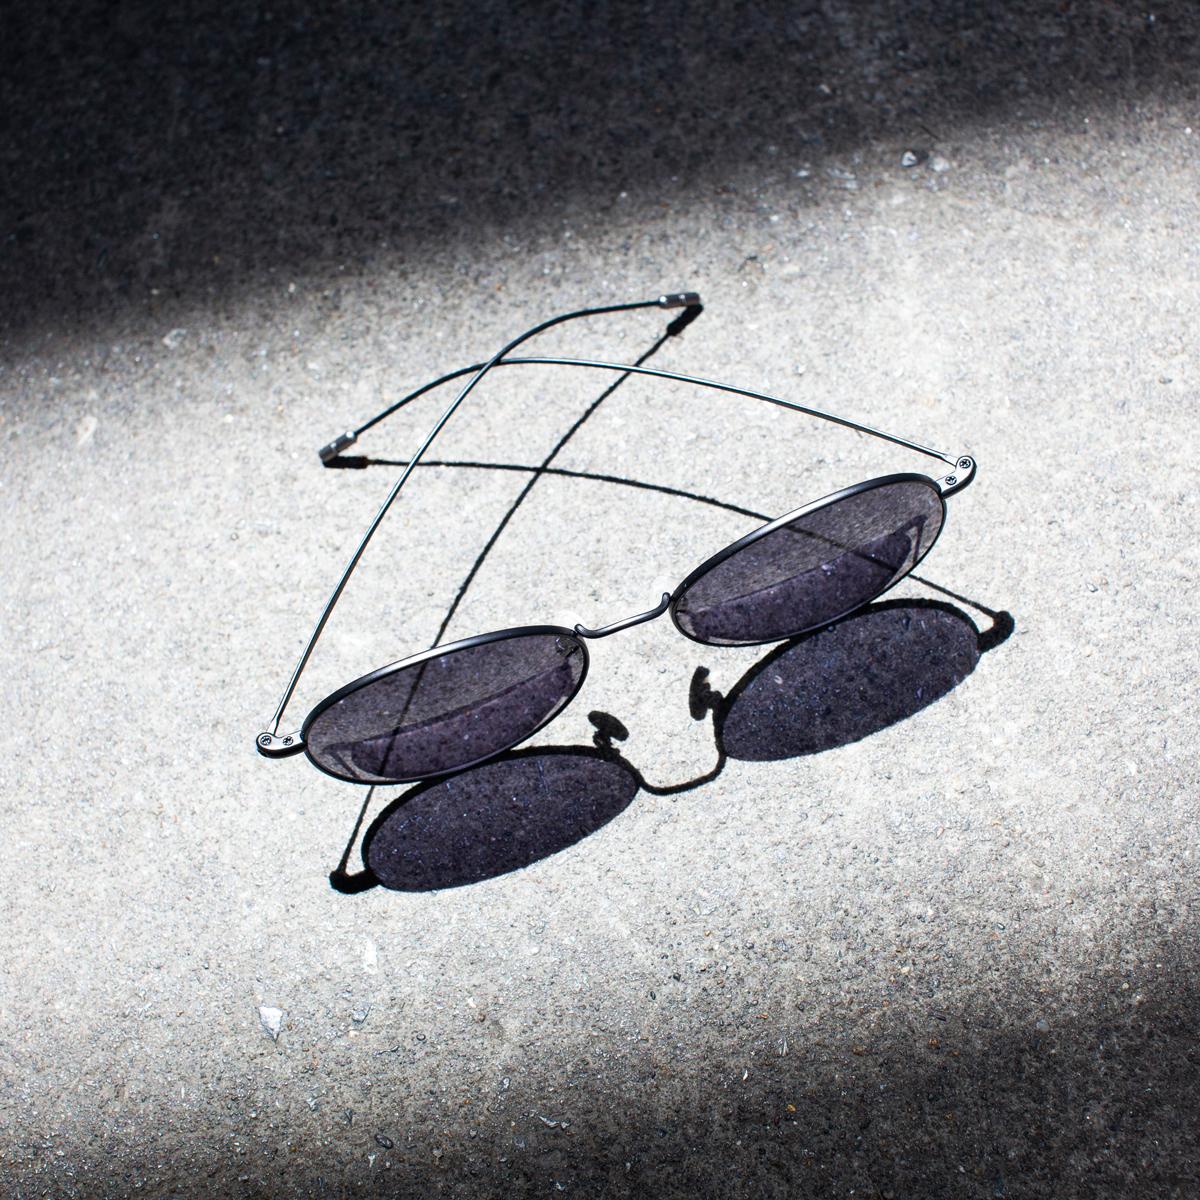 曲げても踏んでも変形しにくい復元力のある超軽量&極細フレーム。風船で浮くほど軽い、フィット感抜群、踏んでも元に戻るβチタンフレームのサングラス|RAWROW R SUN